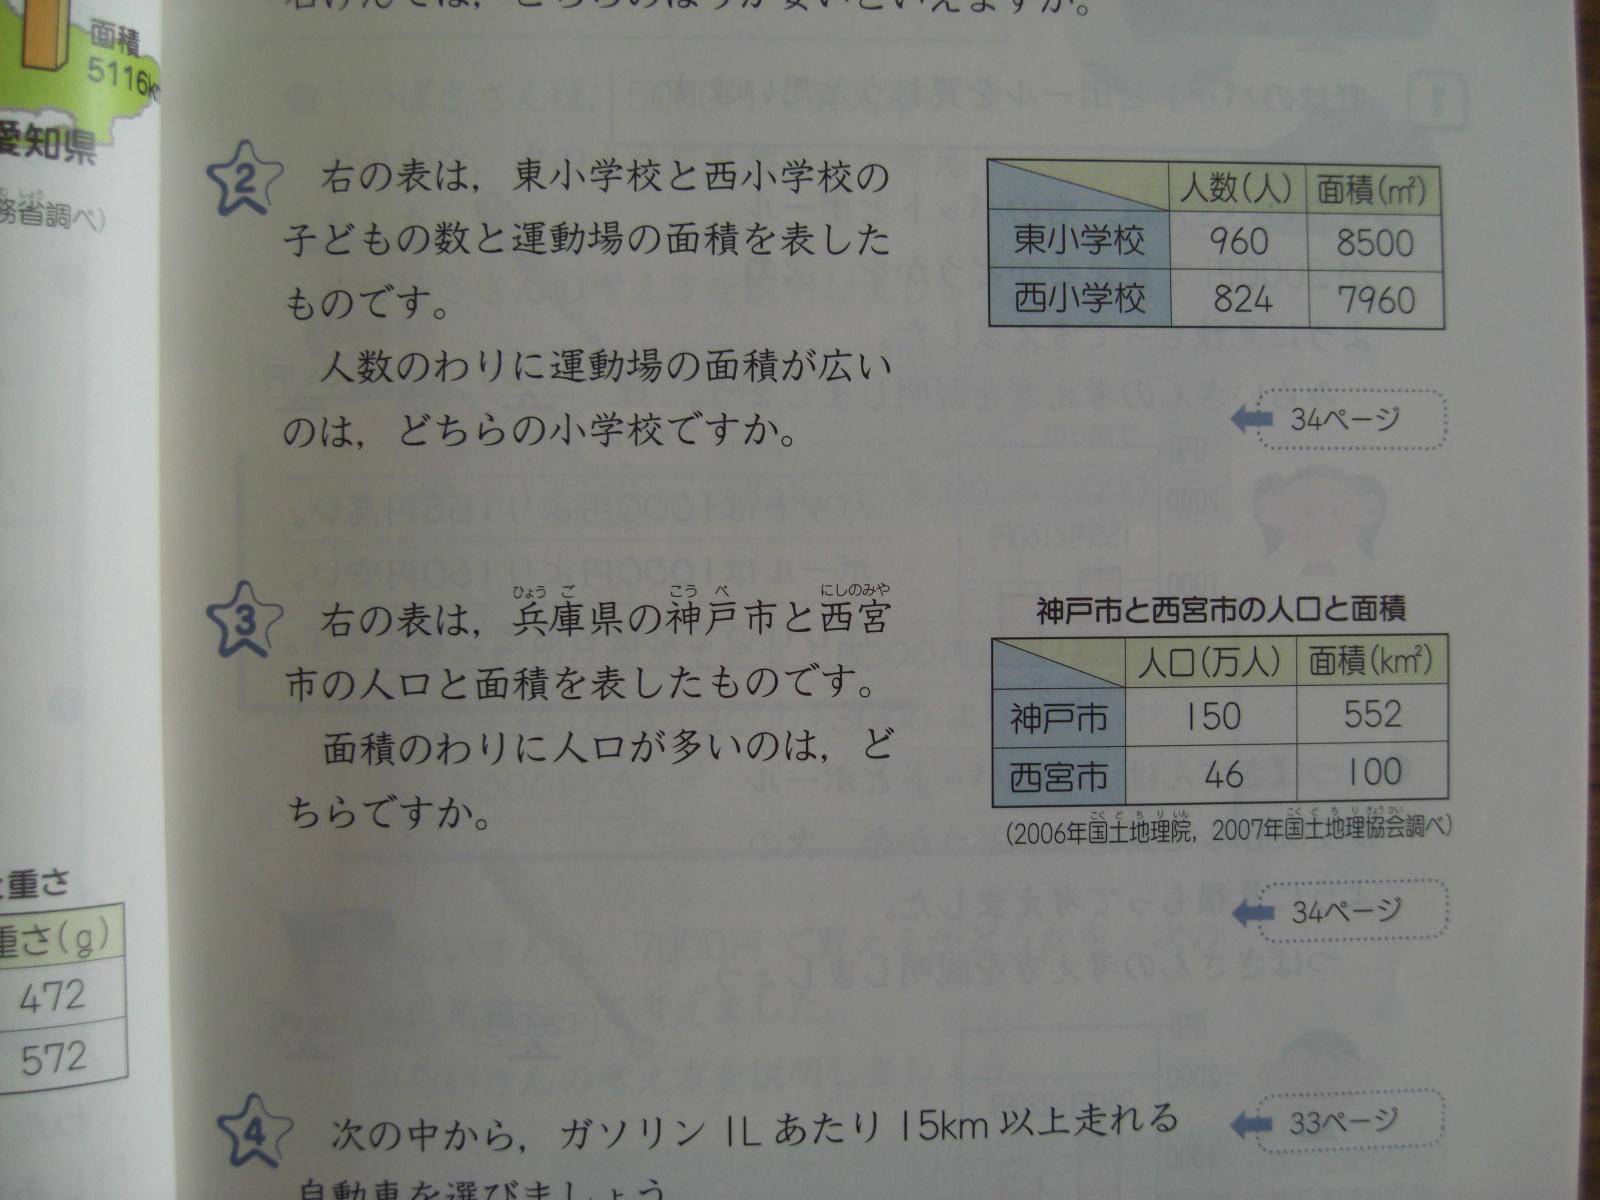 単位当たり量5時間目 石原清貴の算数教育ブログ